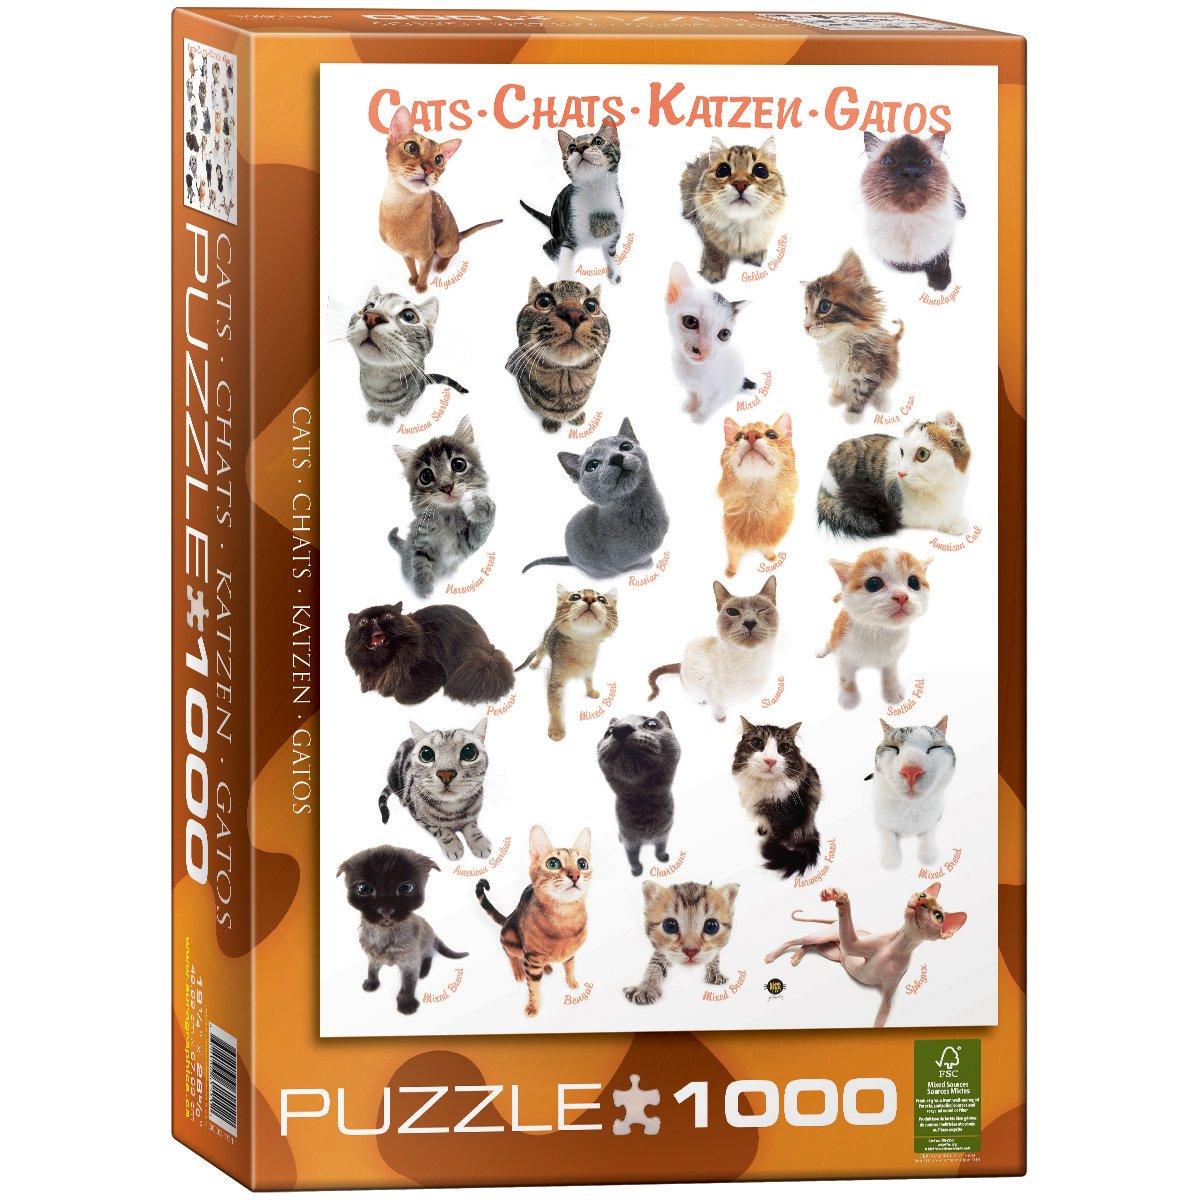 Mundo Puzzle 60 Teile Mit Katzen Puzzles & Geduldspiele